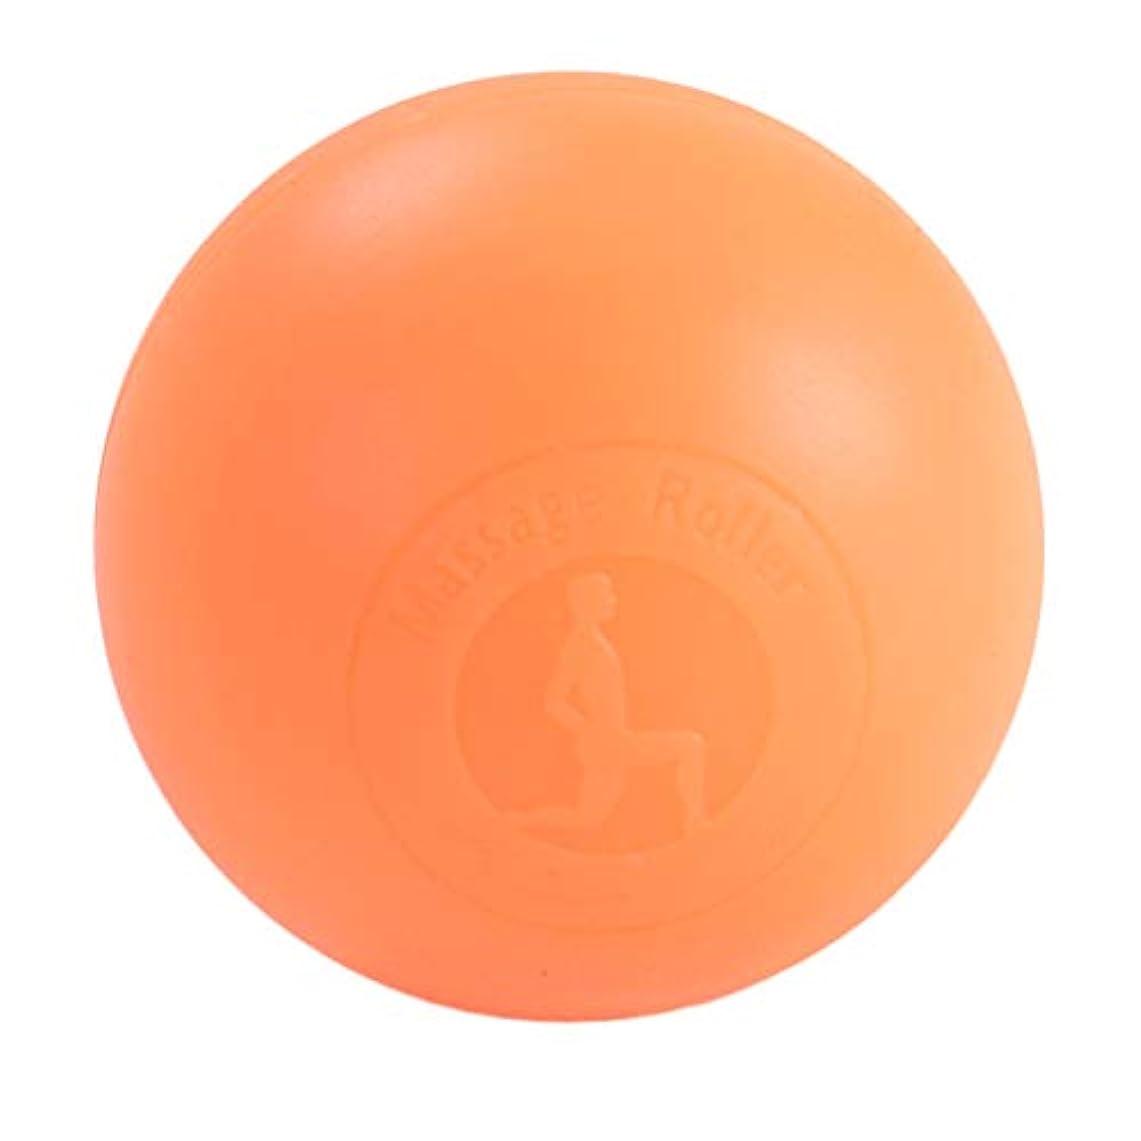 願う印象的多様なFenteer マッサージボール ボディーマッサージ 2色選べ - オレンジ